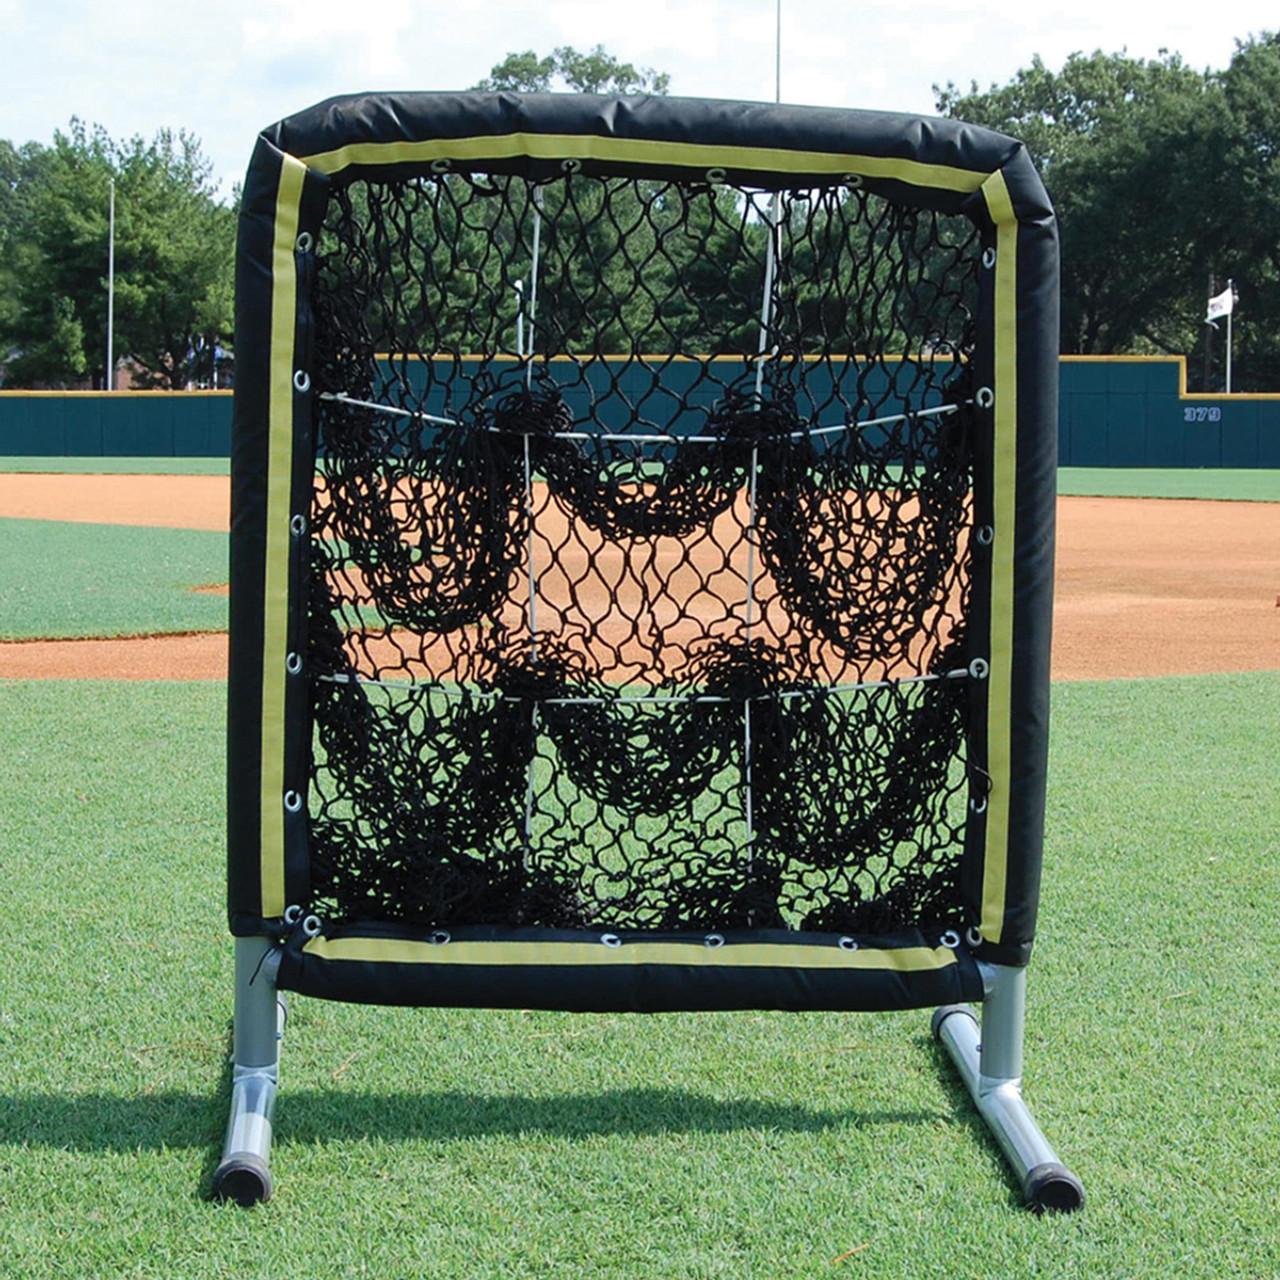 9-hole Pitching Target Net Baseball